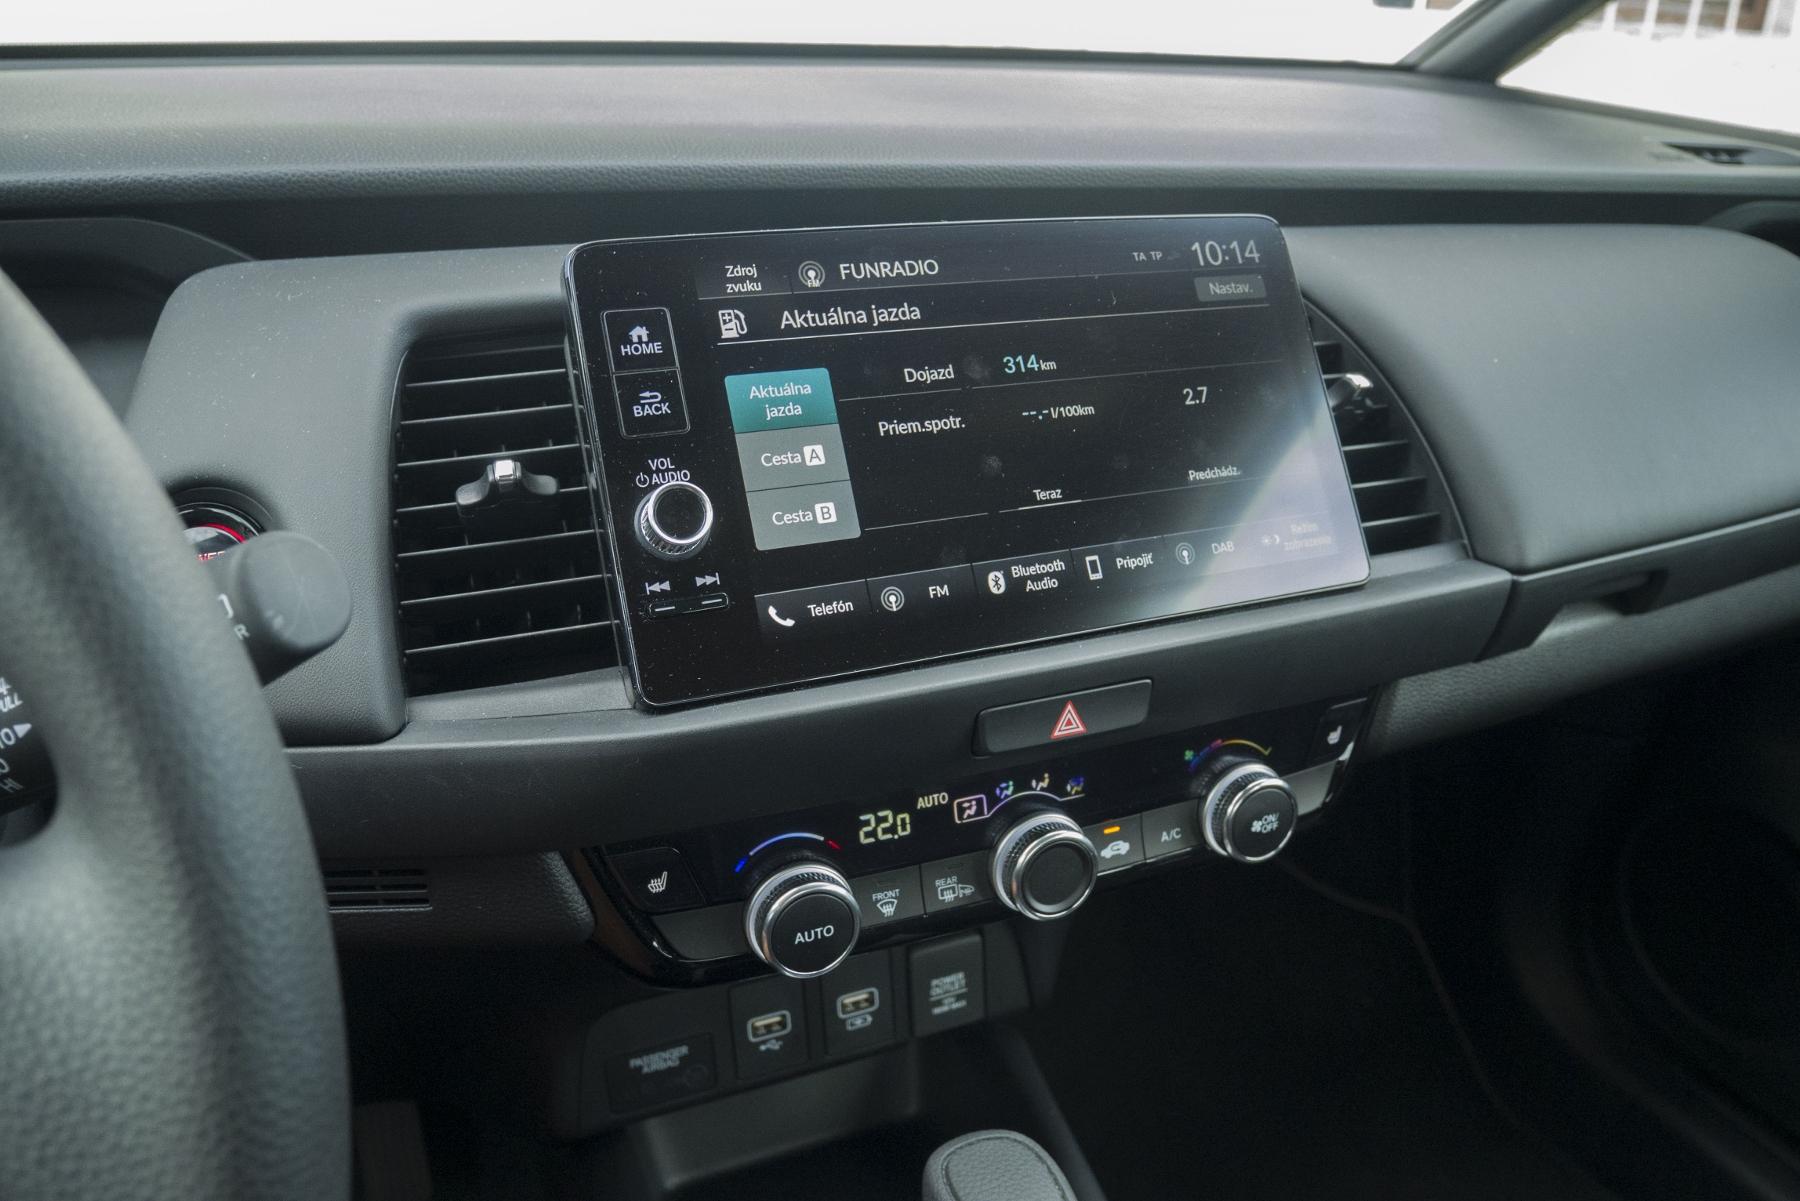 Test: Honda Jazz je kráľ spotreby a využiteľnosti priestoru 4c3BD16YCG honda-jazz-24